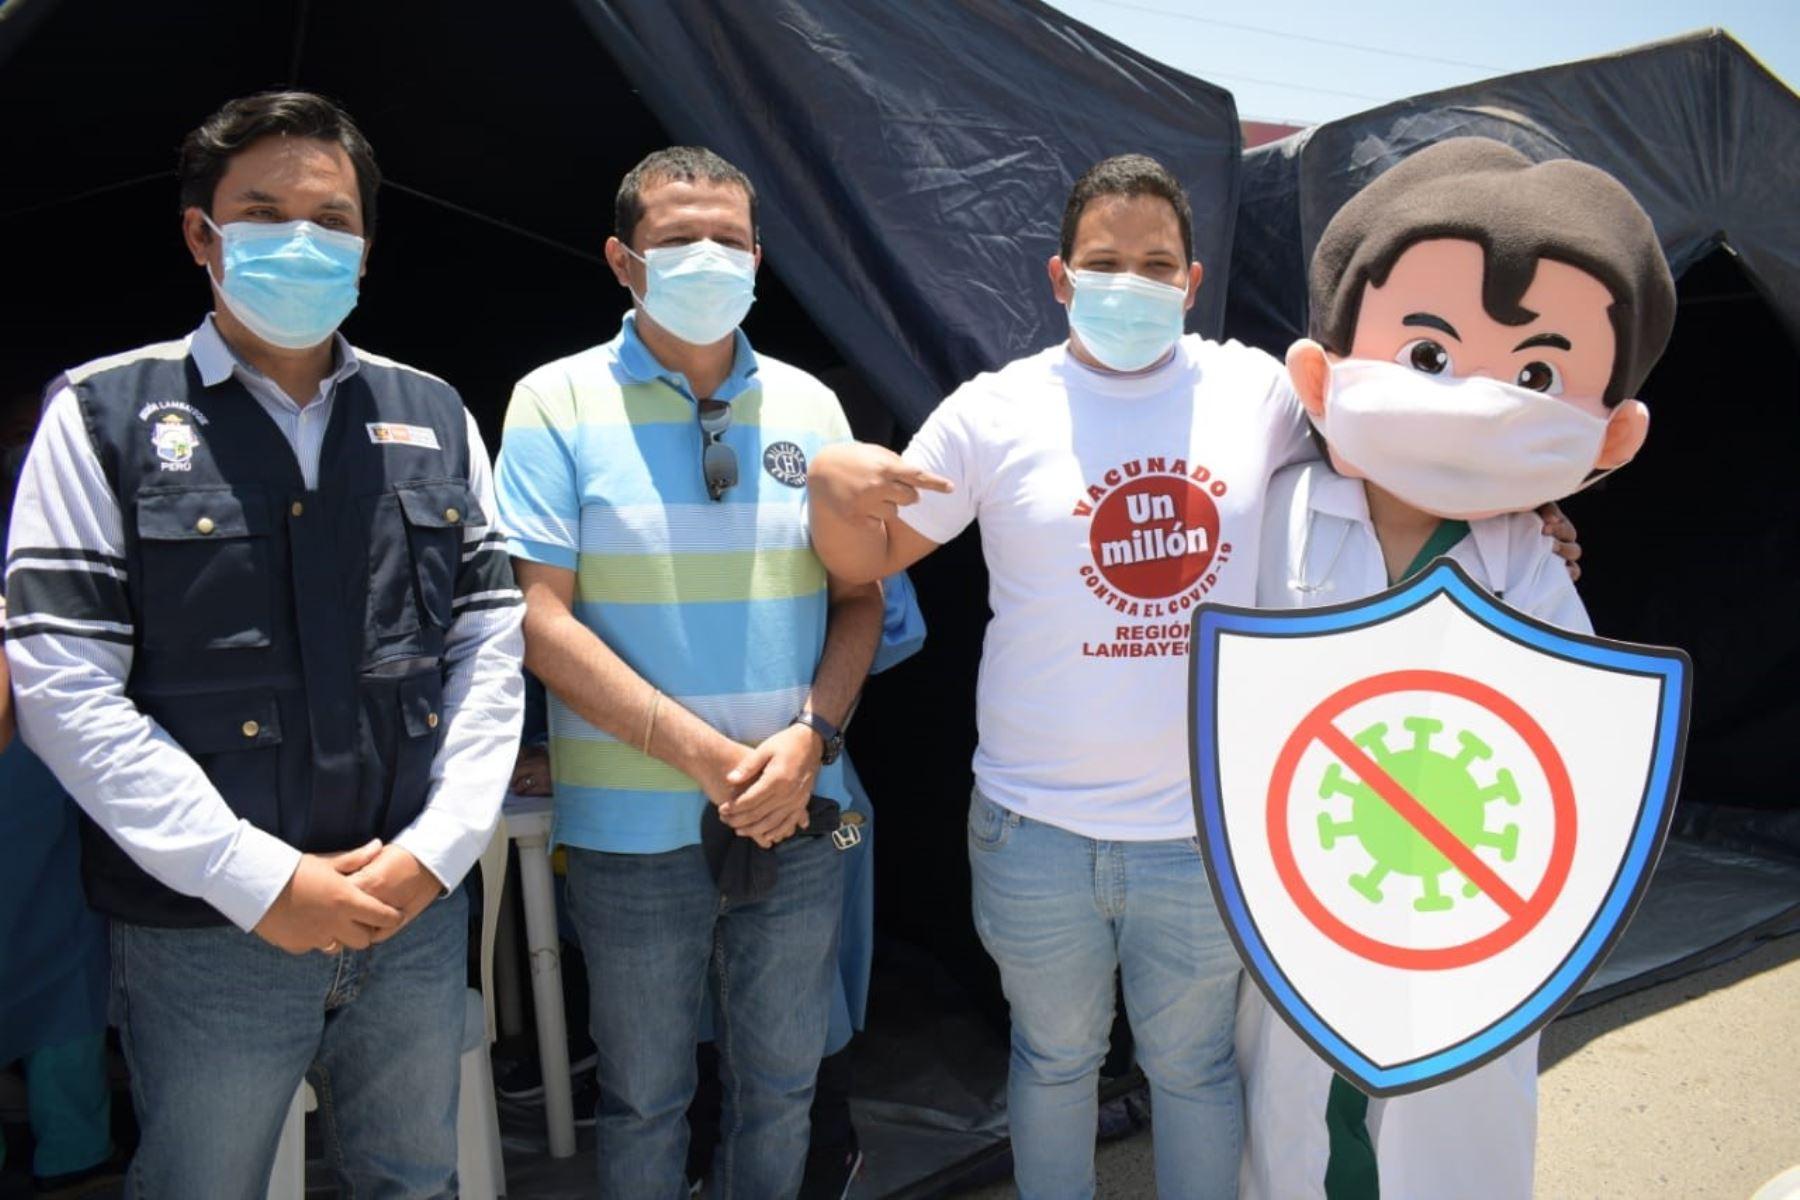 Lambayeque alcanza el millón de vacunas aplicadas contra la covid-19